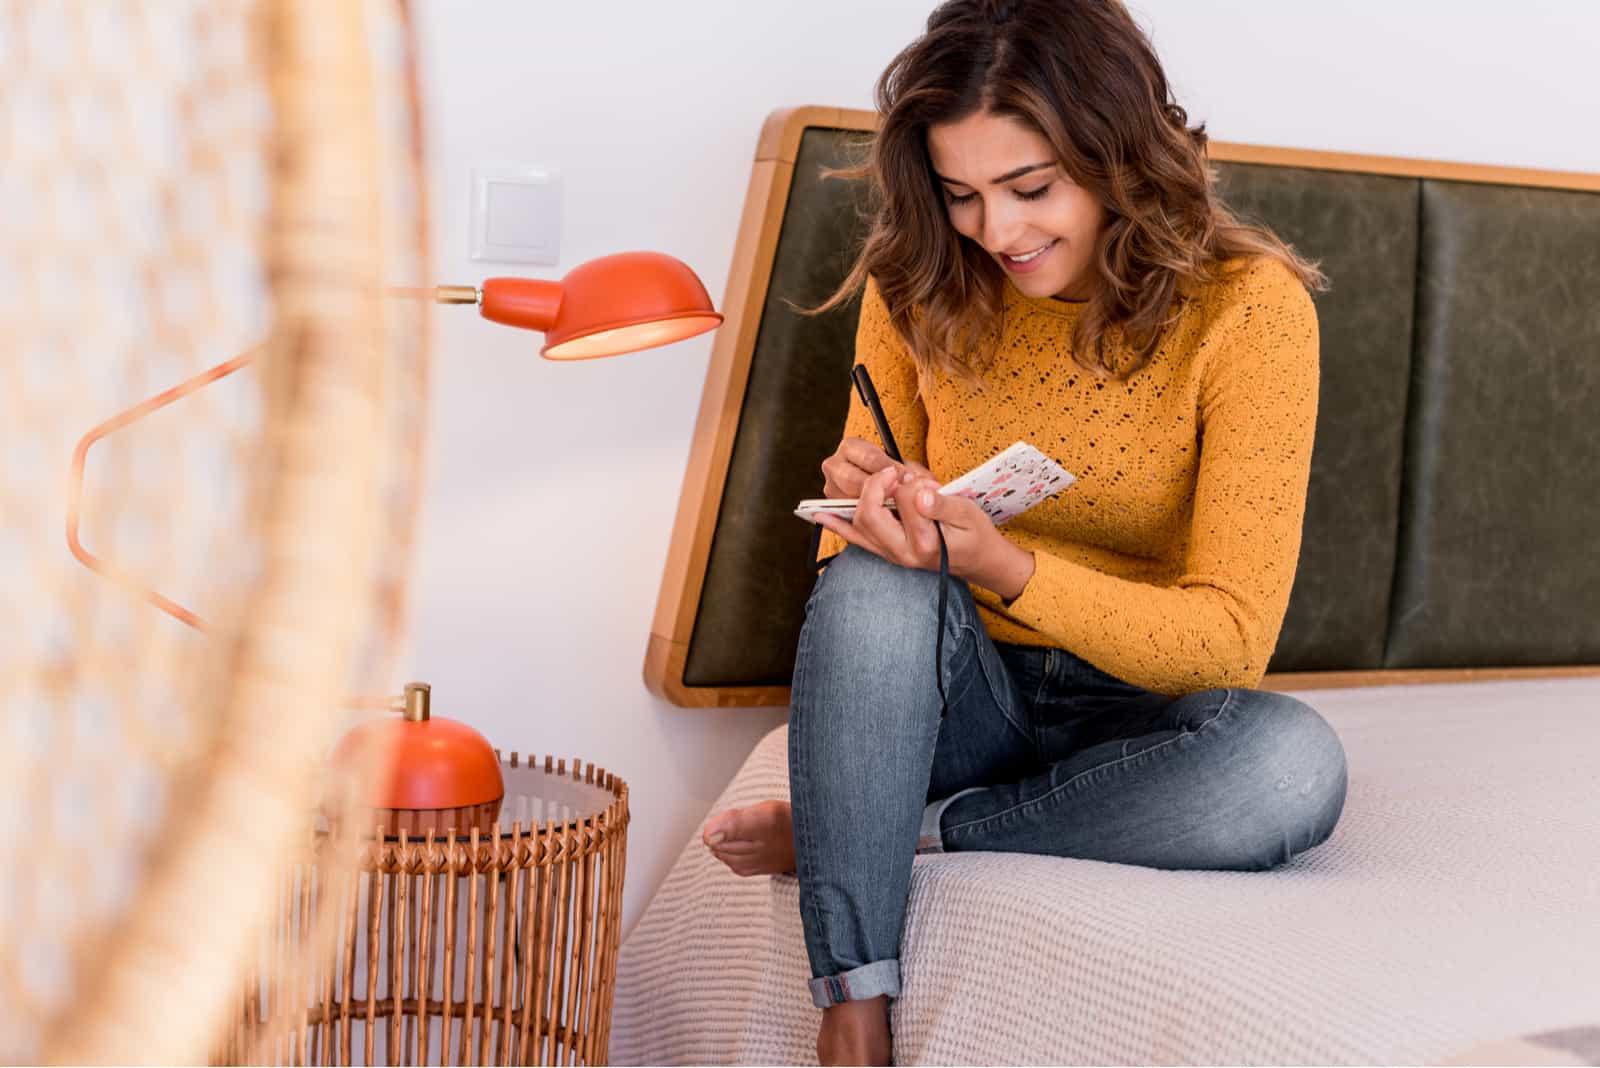 une femme aux cheveux crépus est assise sur le lit et écrit